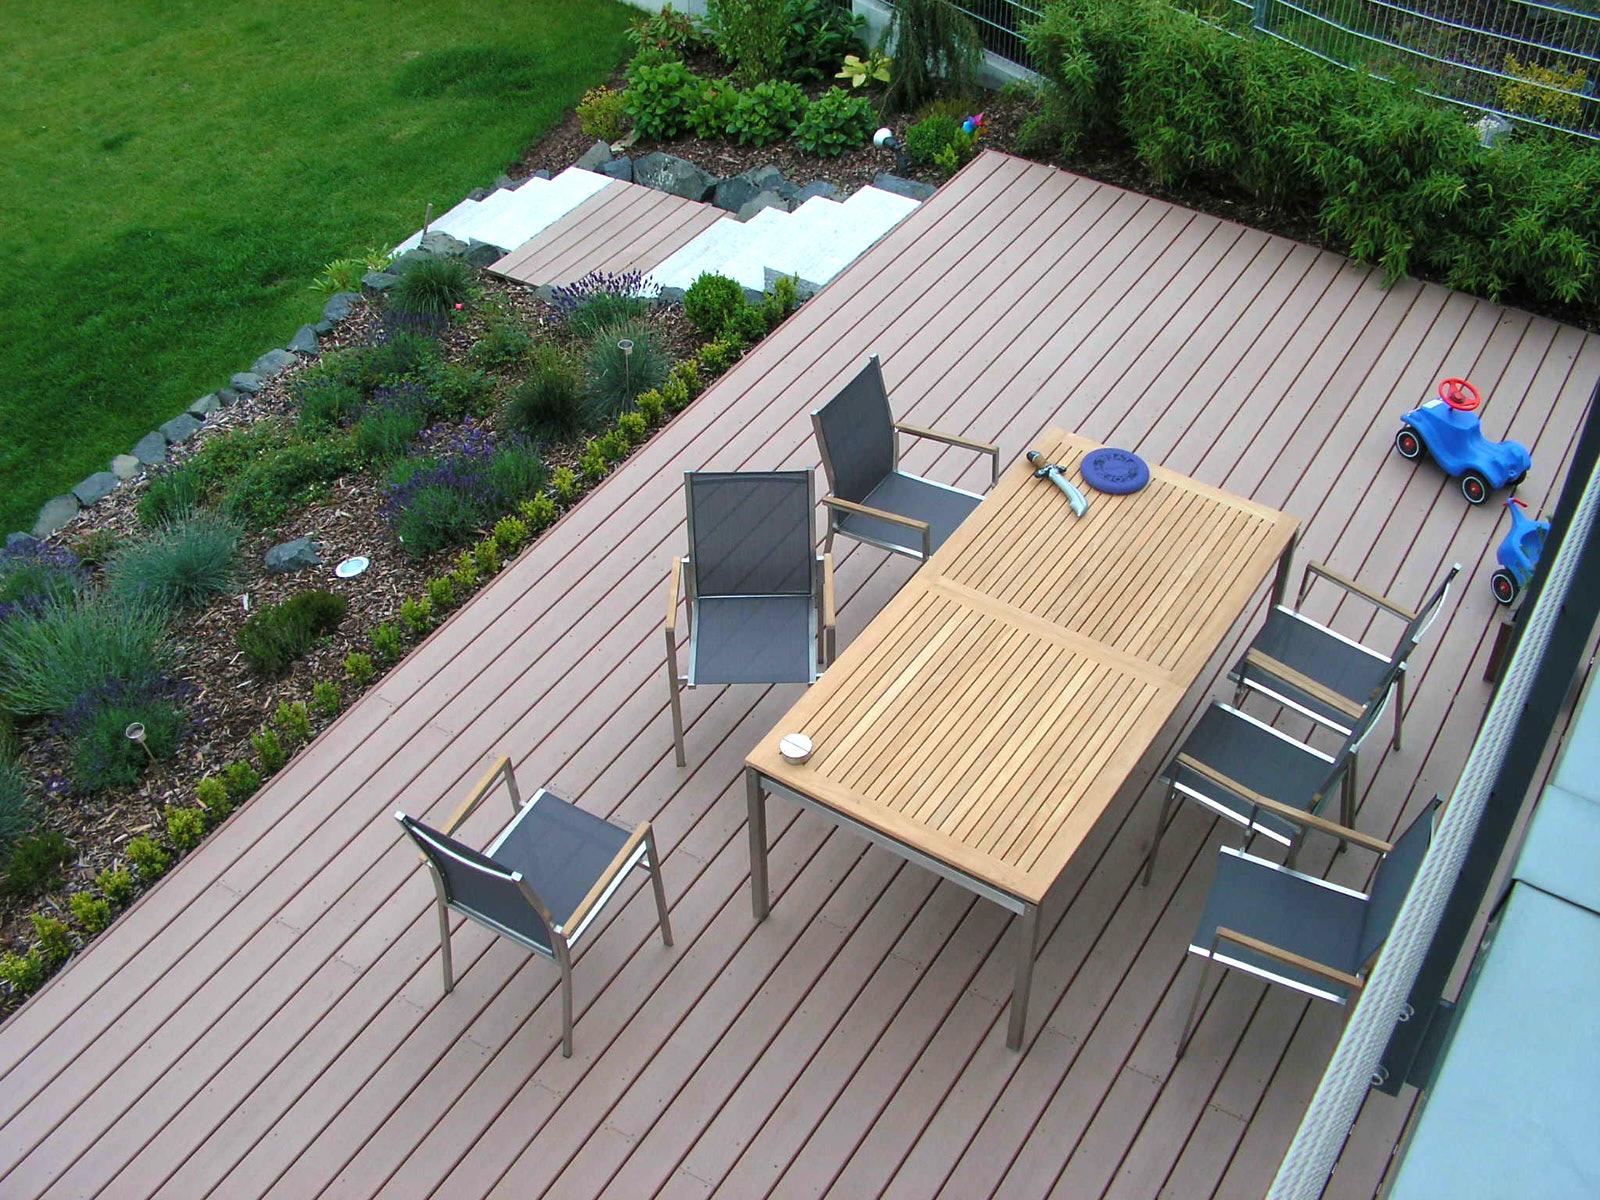 090617-terrasse-kies-felsen-stufen